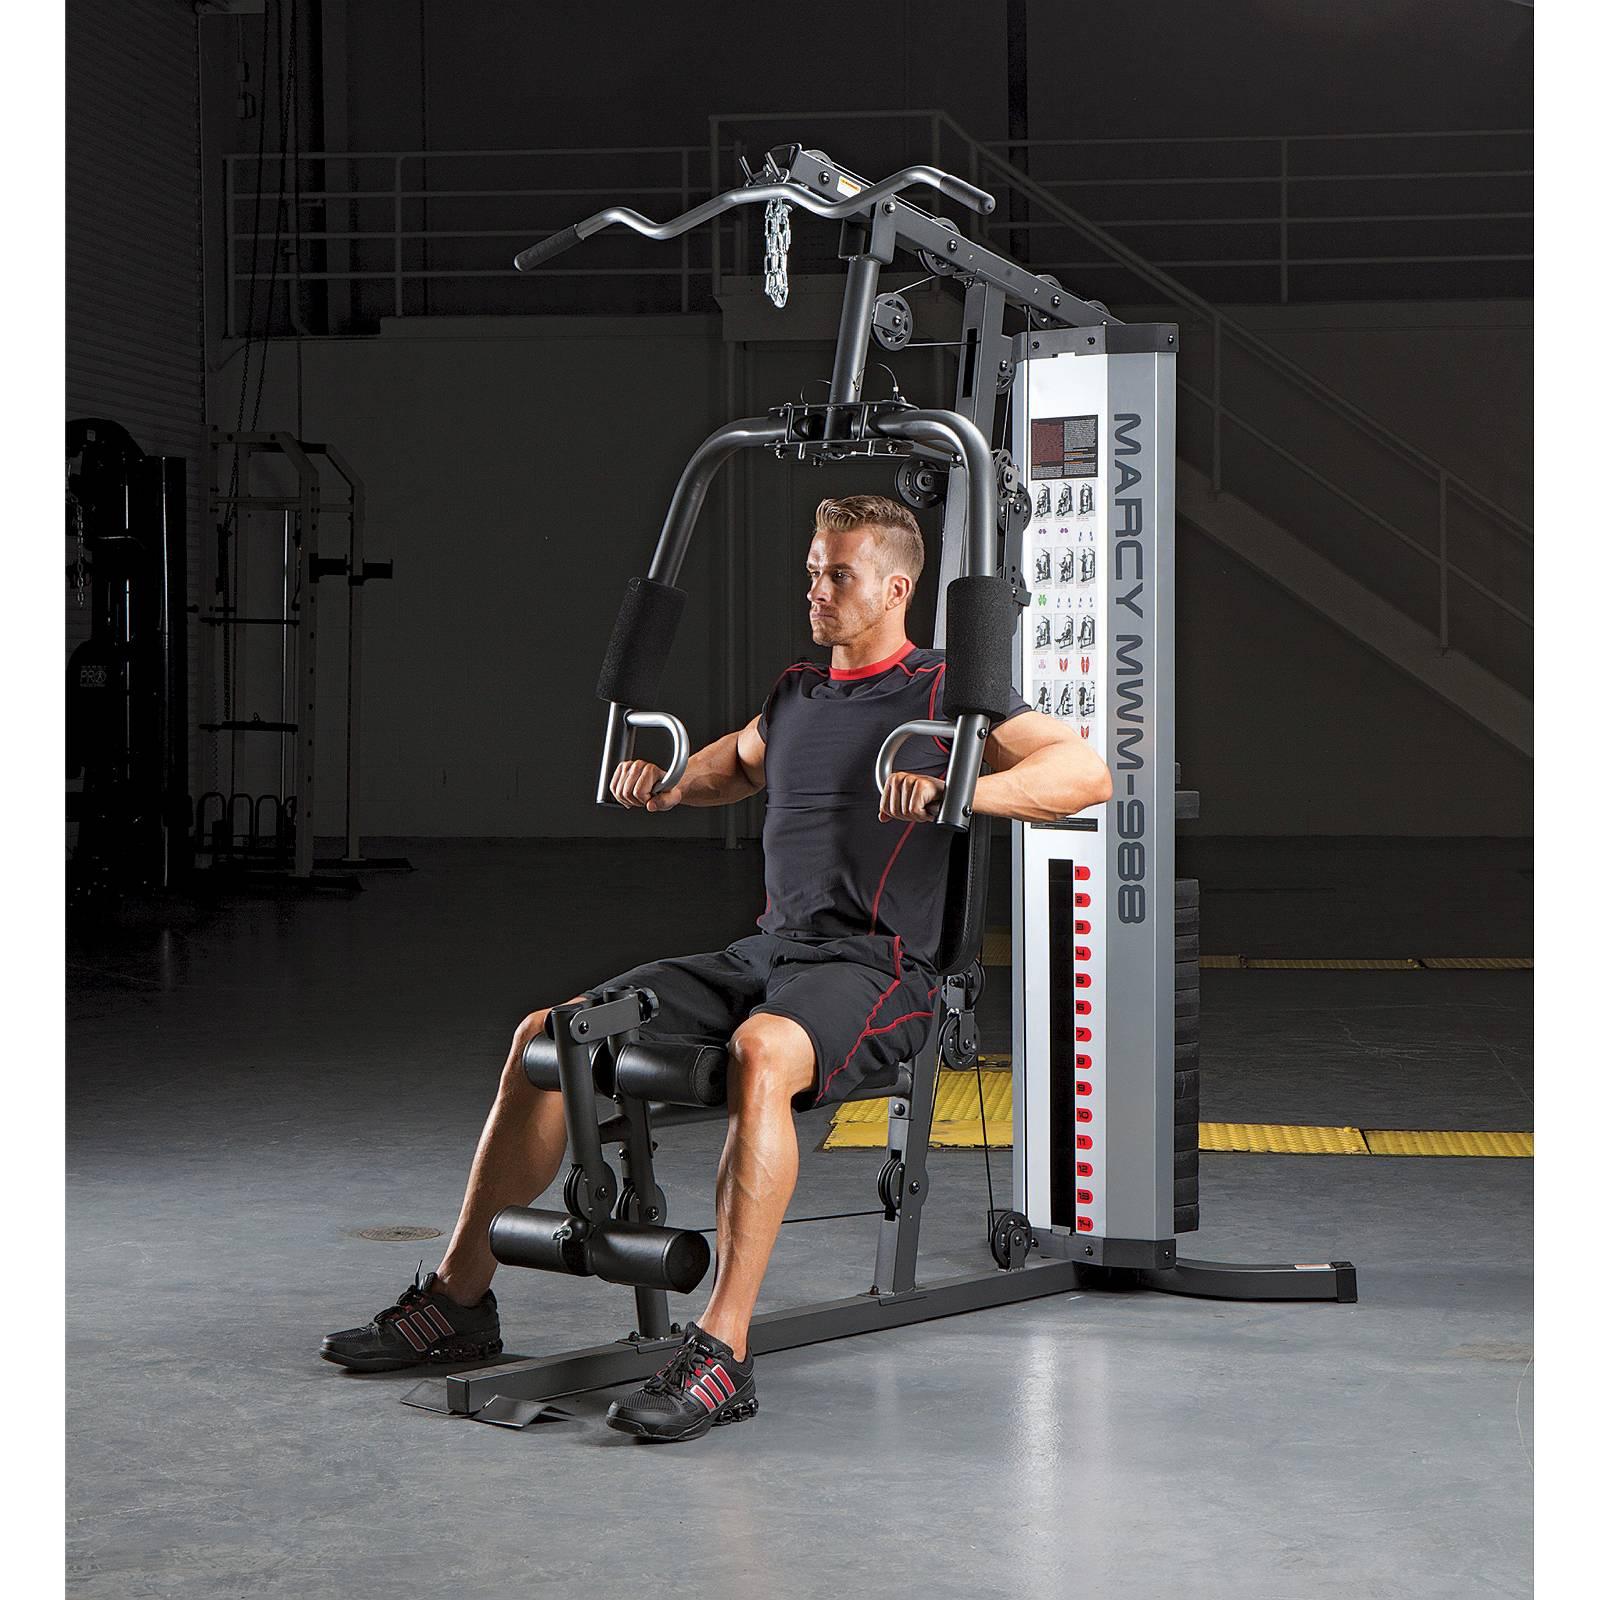 Man doing a multi gym workout